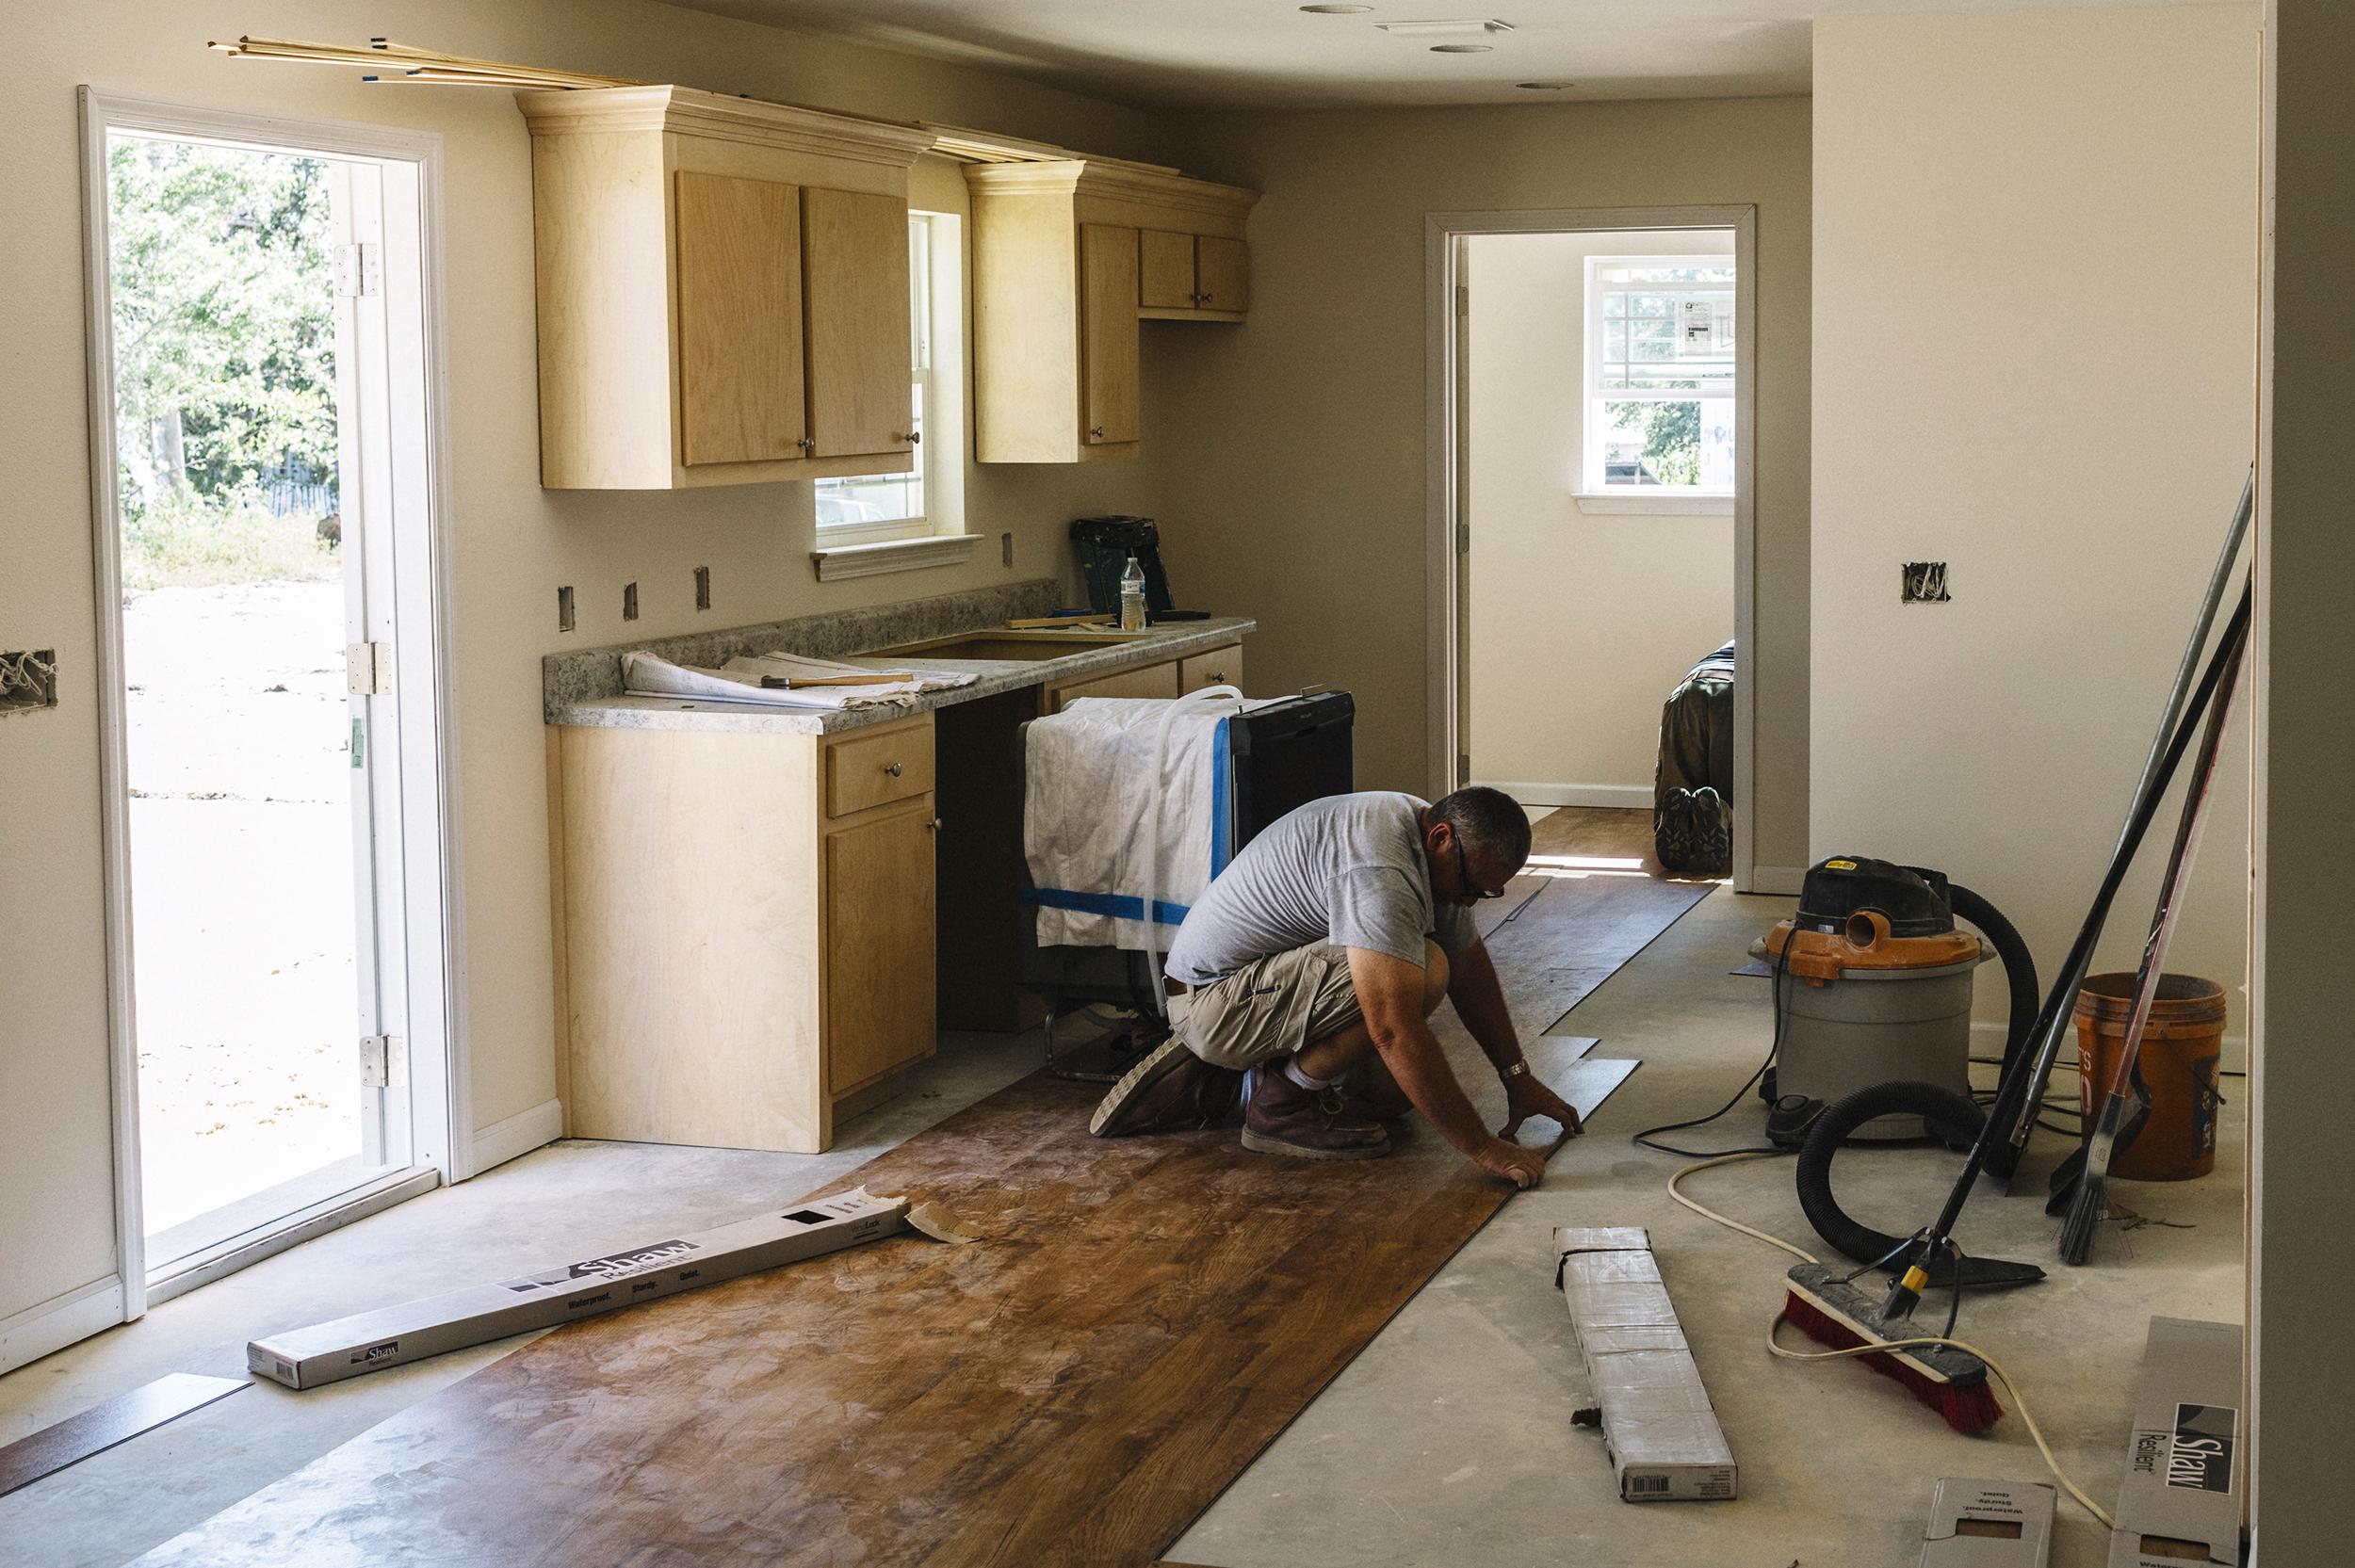 Construction Manager Ross Potts Installs Flooring In A Habitat For